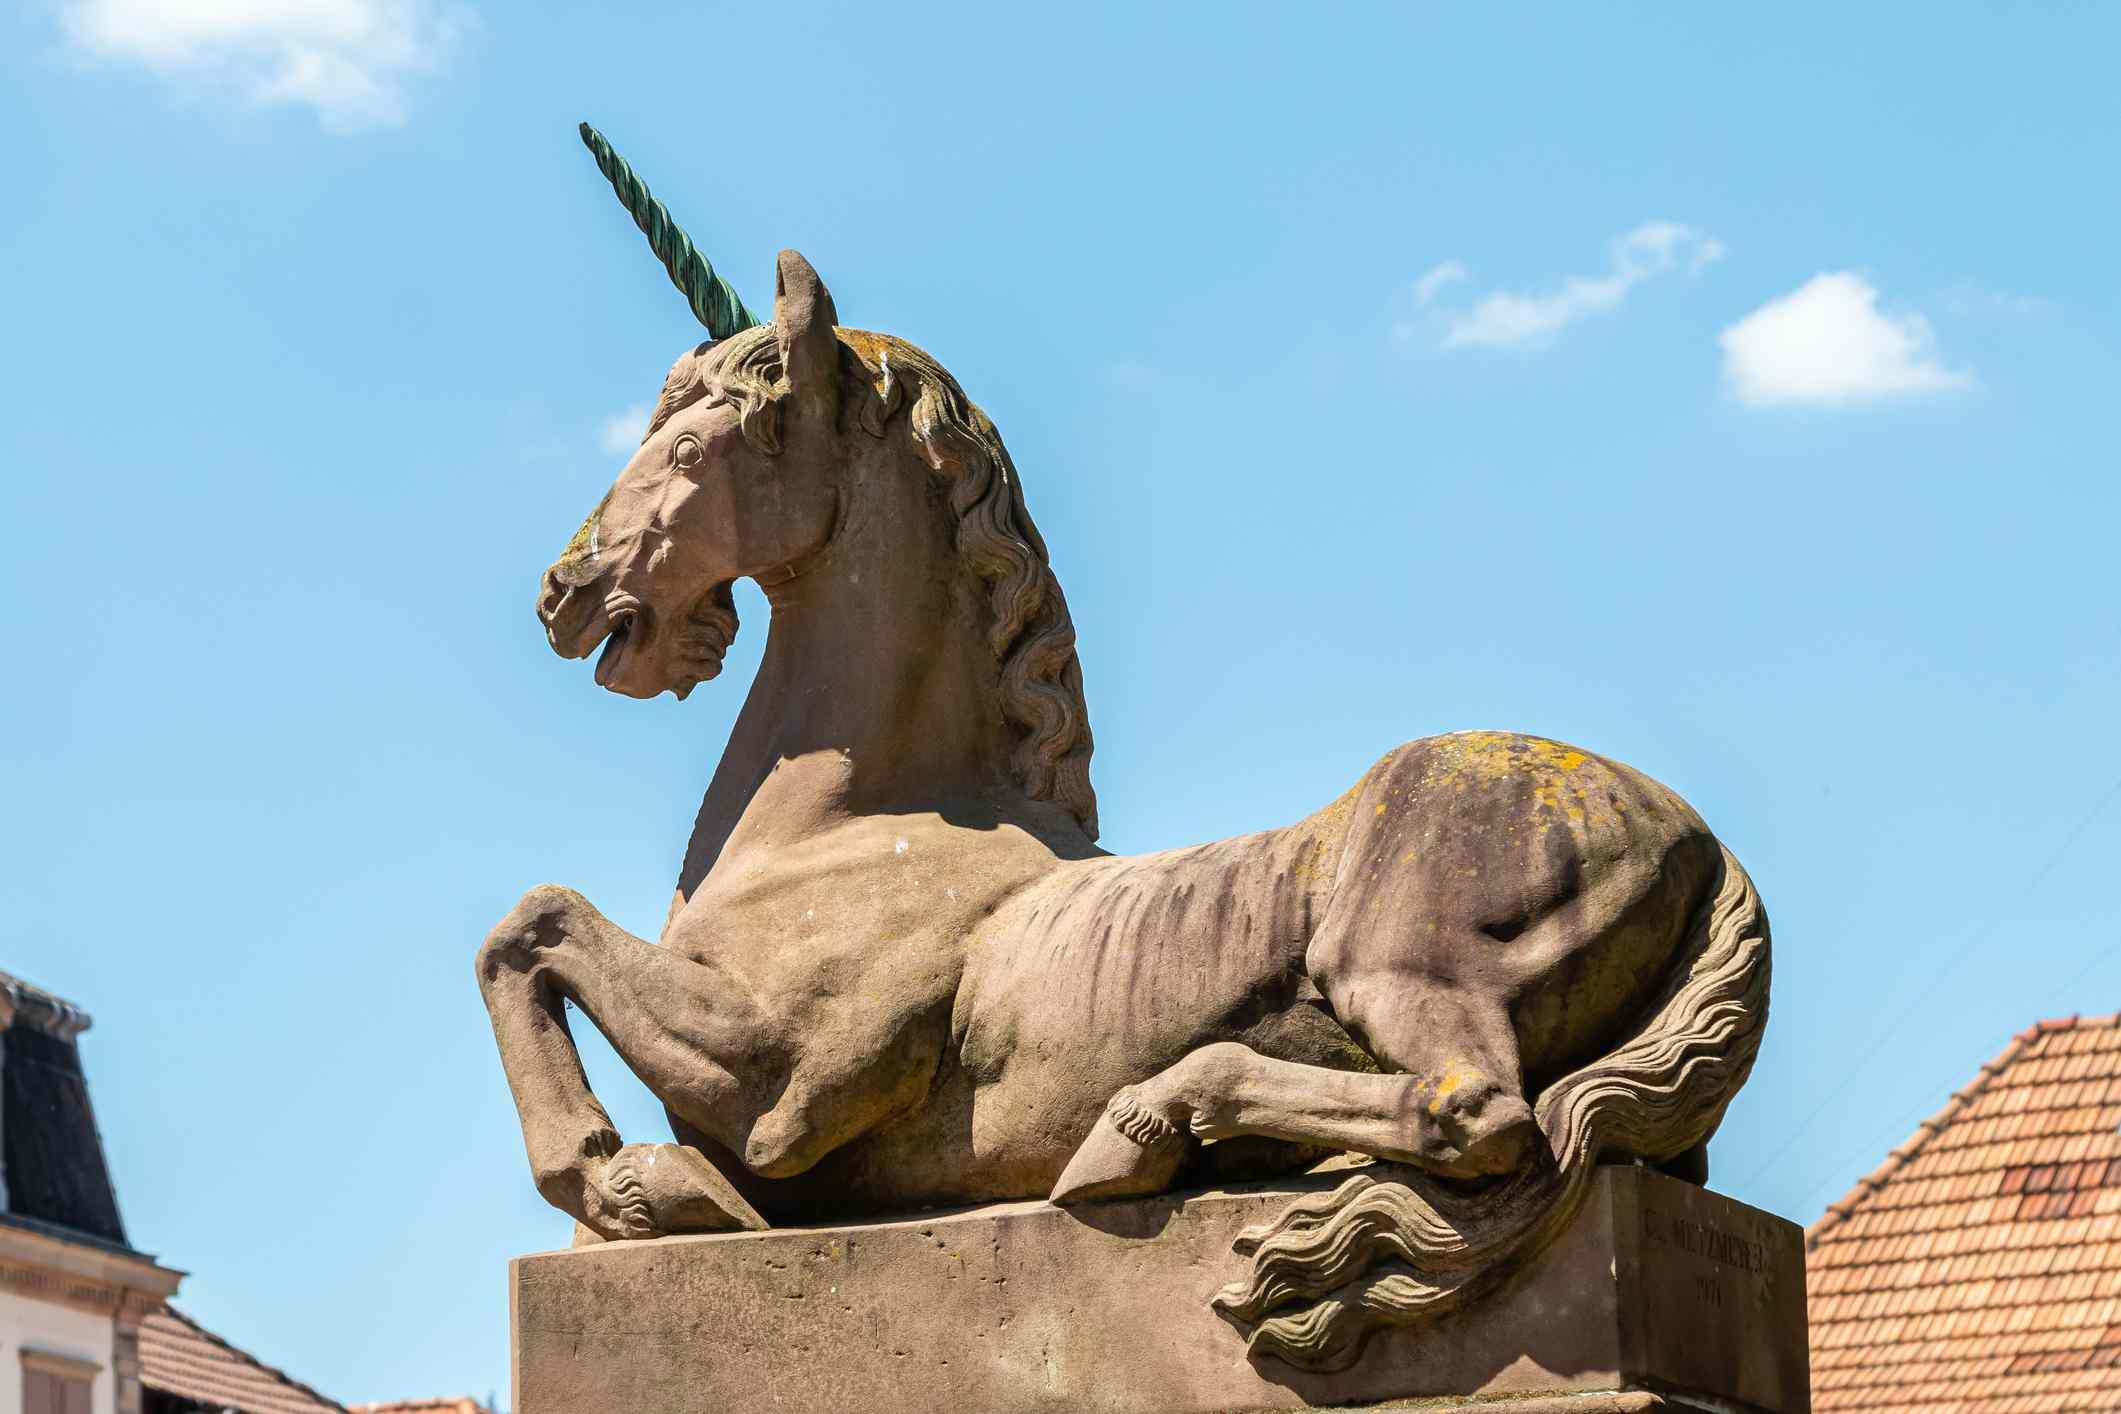 unicorn statue in Saverne, Alsace